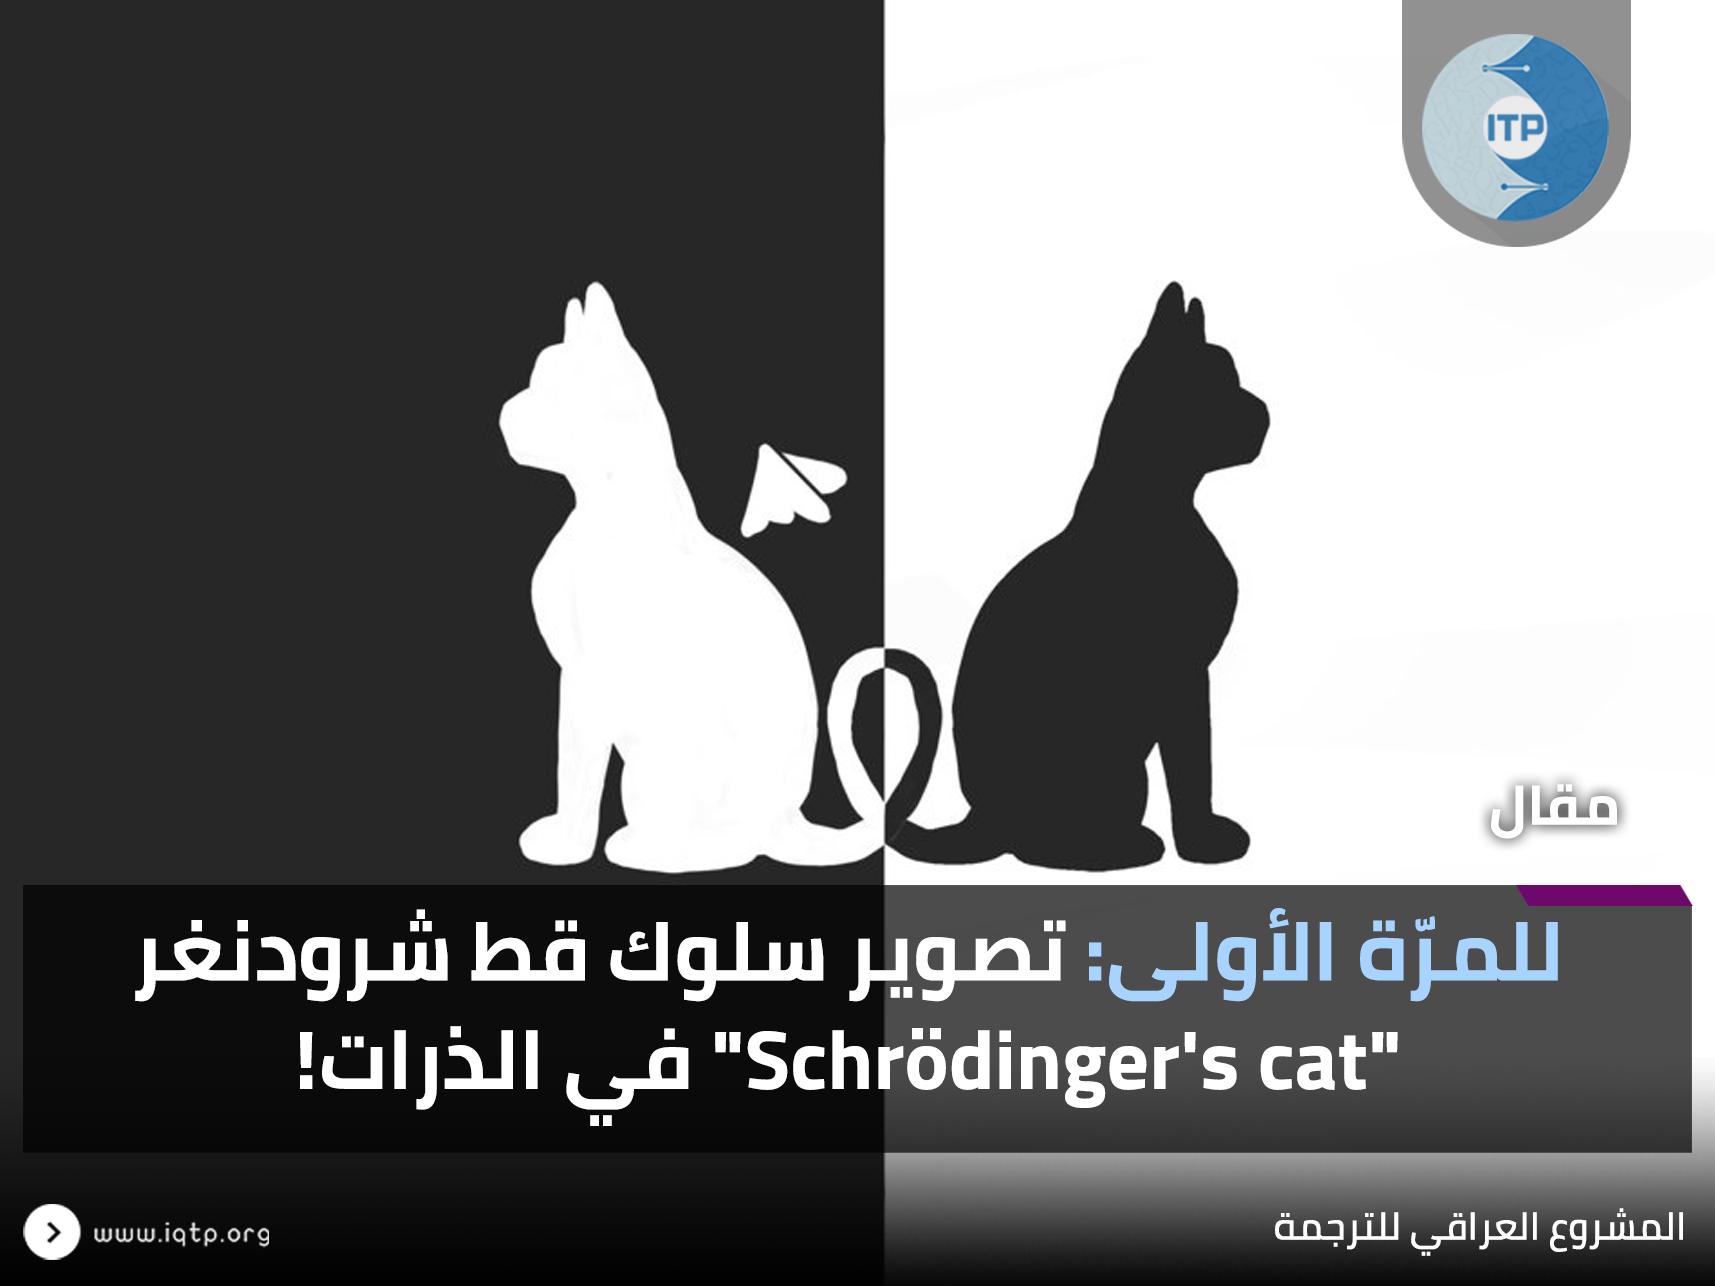 """للمرّة الأولى؛ تصوير سلوك قط شرودنغر """"Schrödinger's cat"""" في الذرات!"""